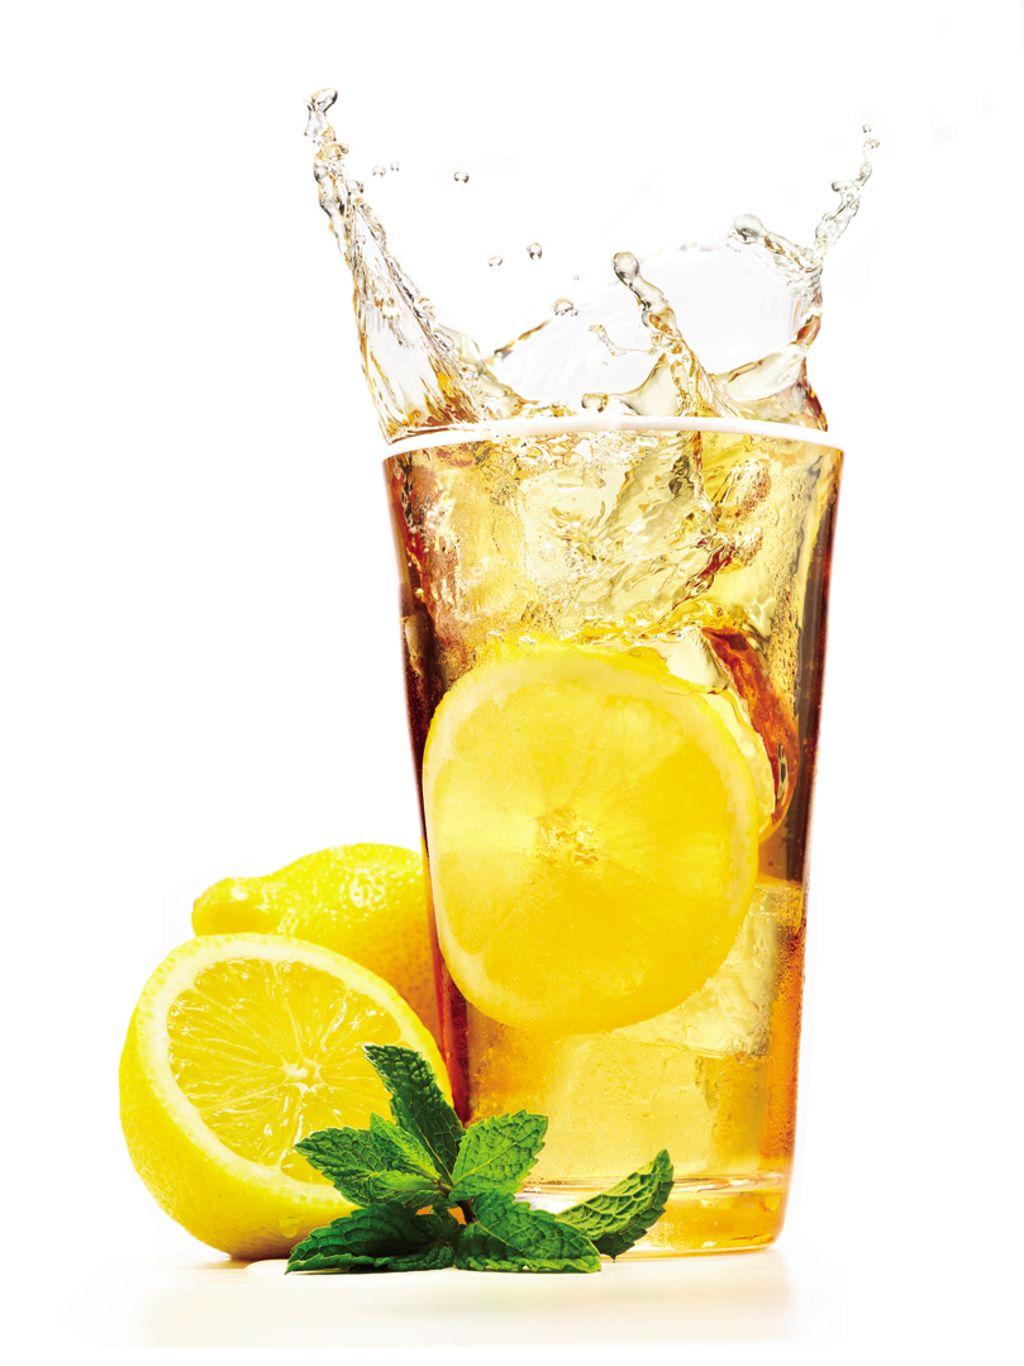 Iced Lemon-and-Ginger Green Tea